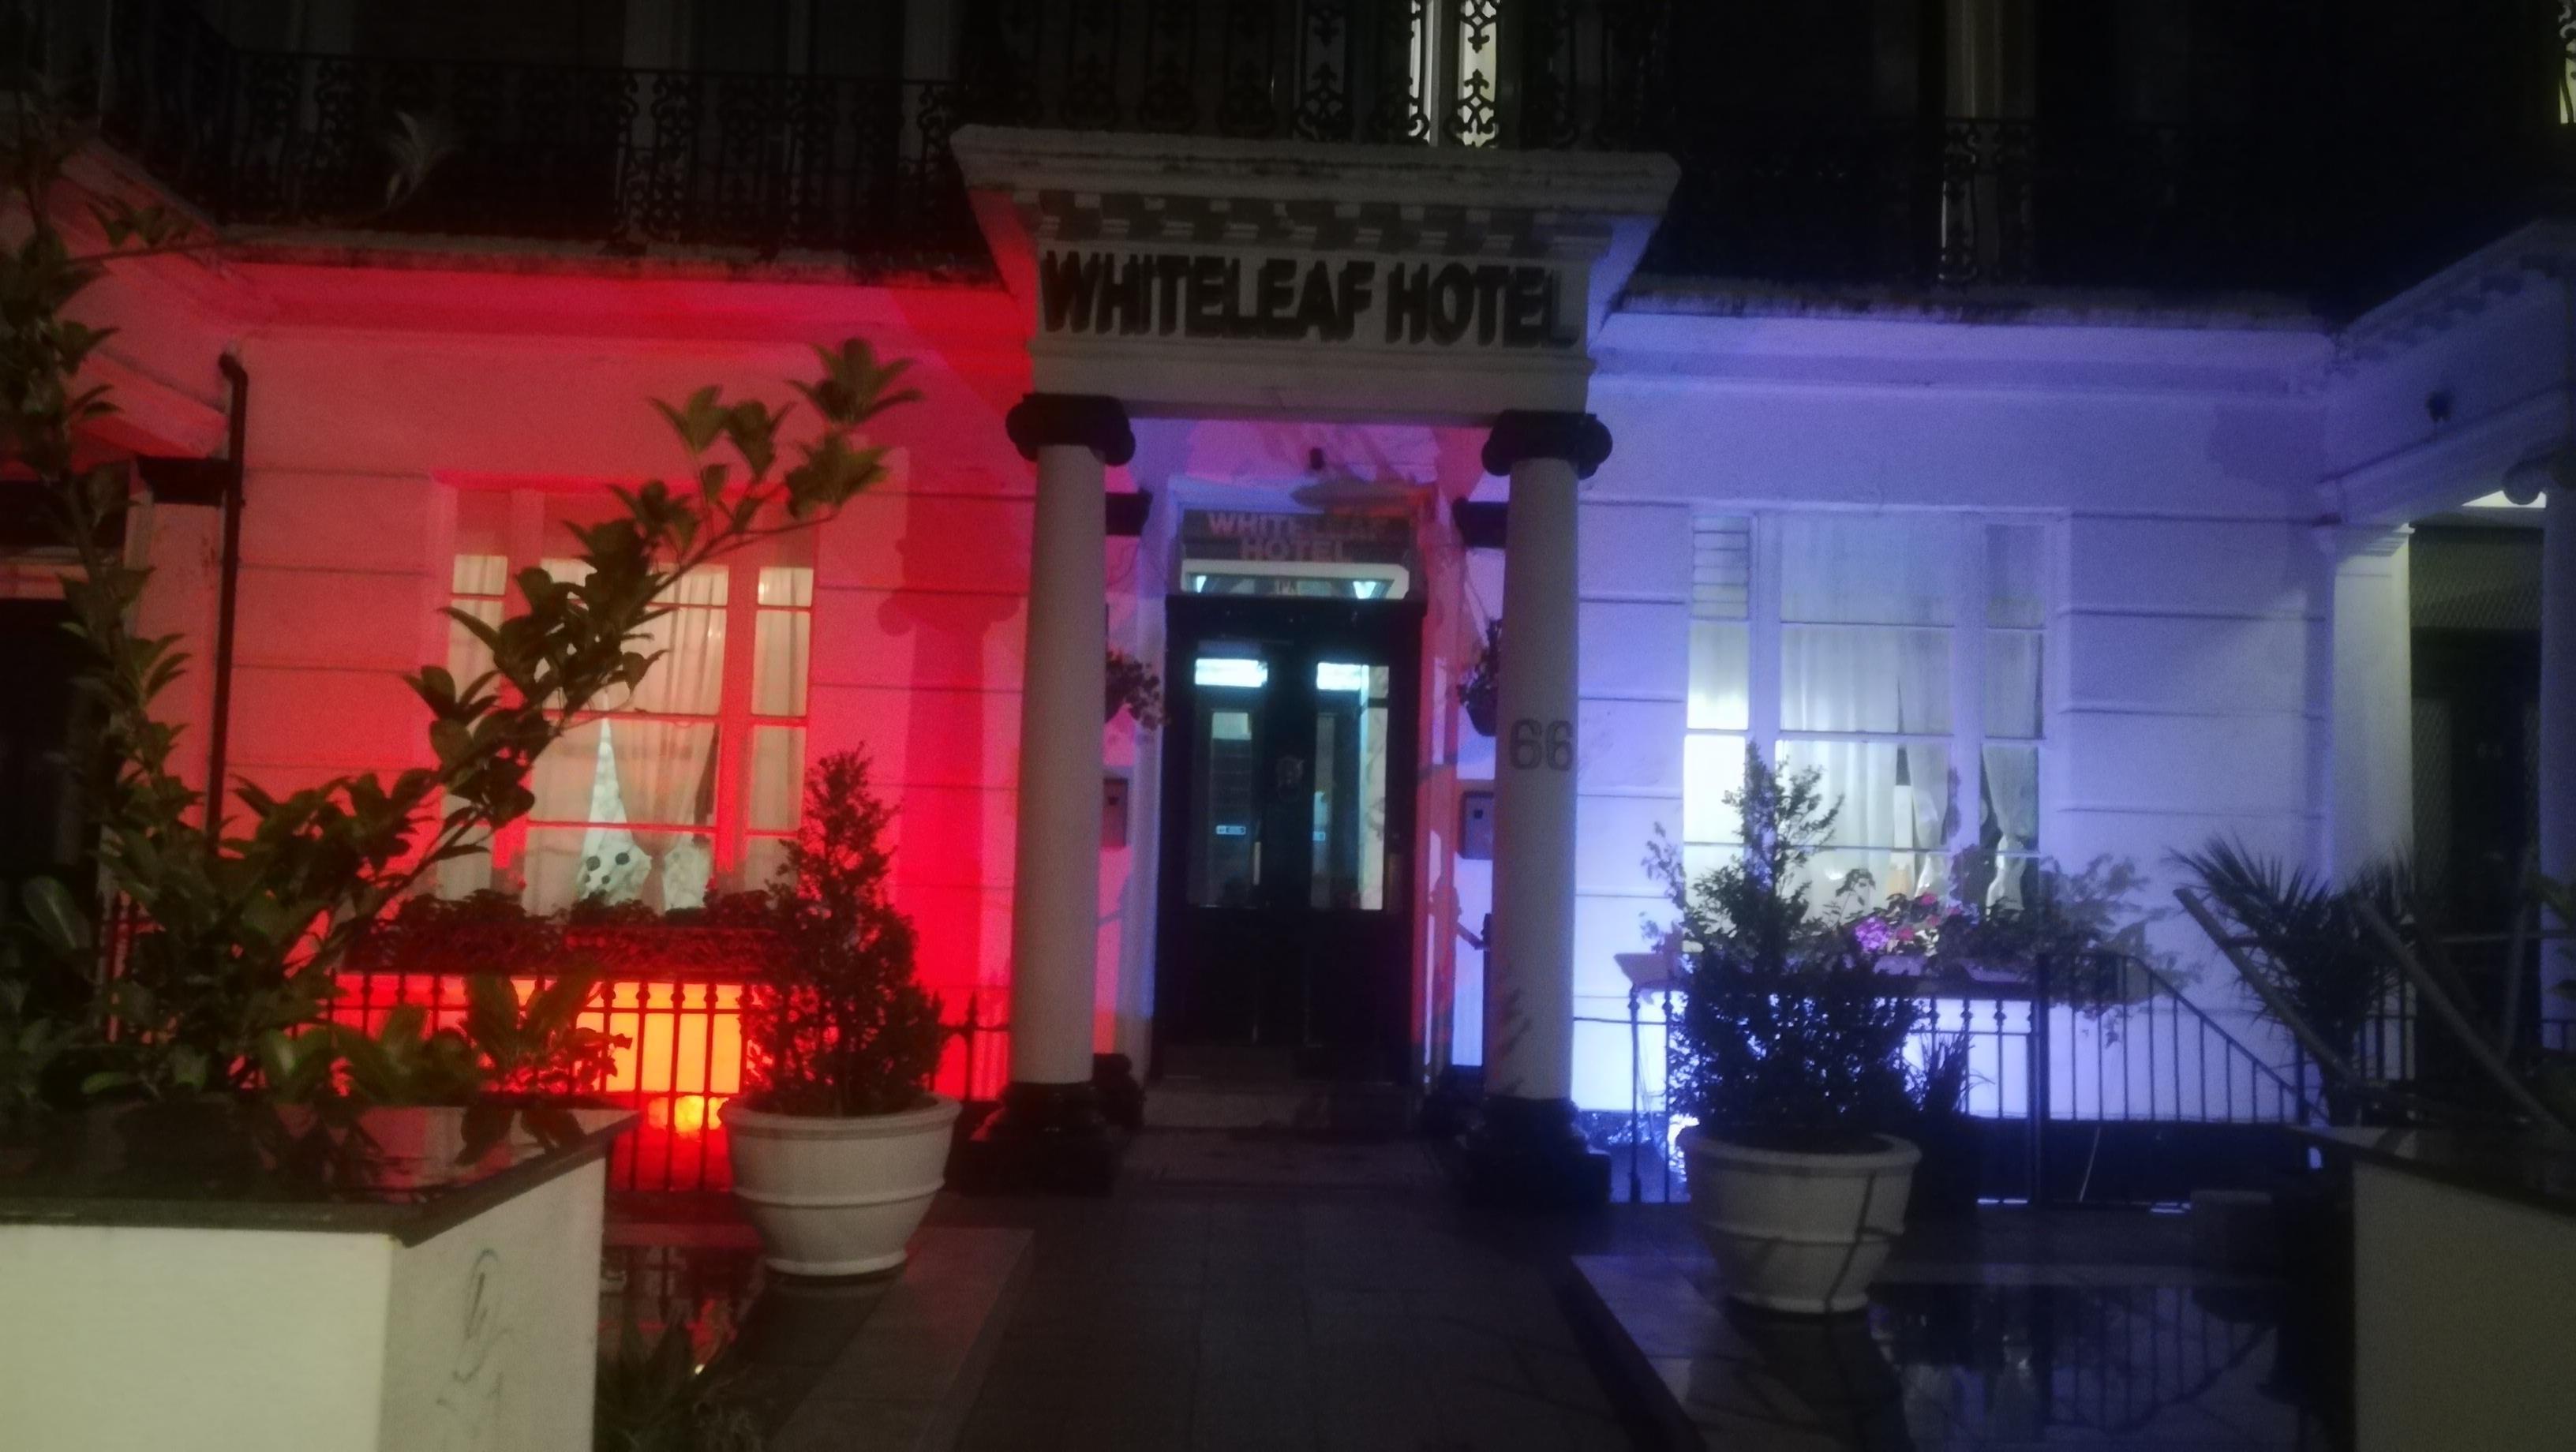 Whiteleaf hotel Bayswater